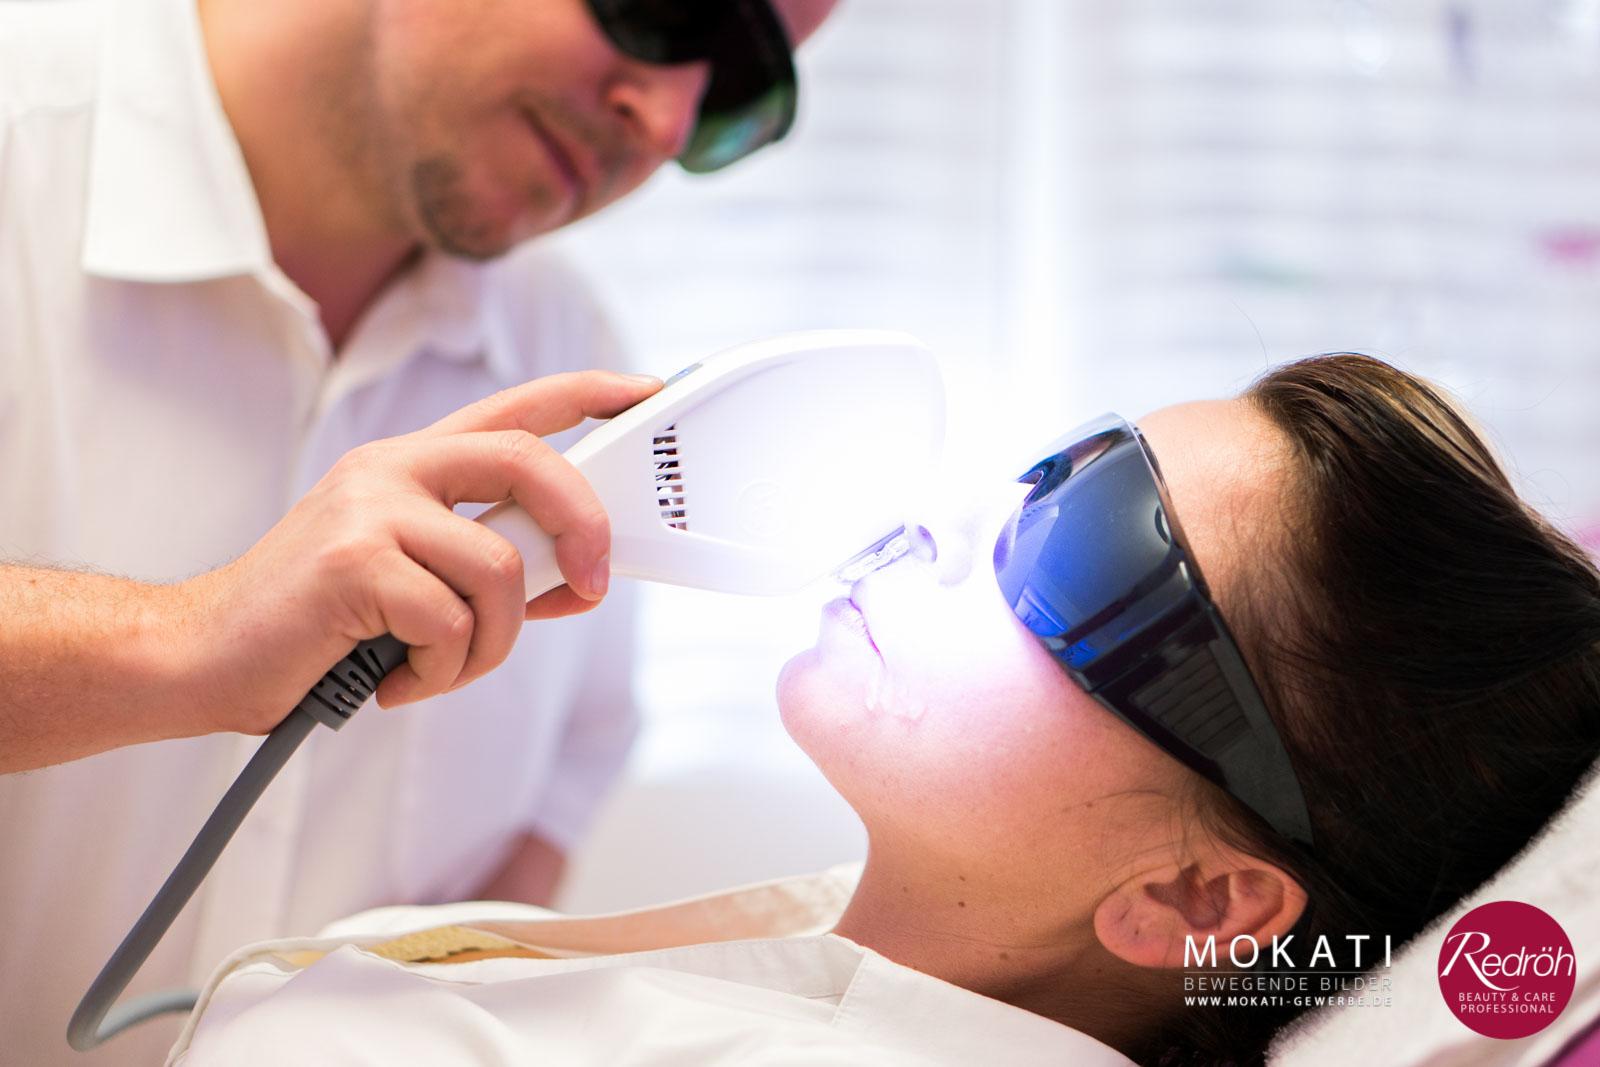 dauerhafte Haarentfernung per Laser von MeDioStar Next